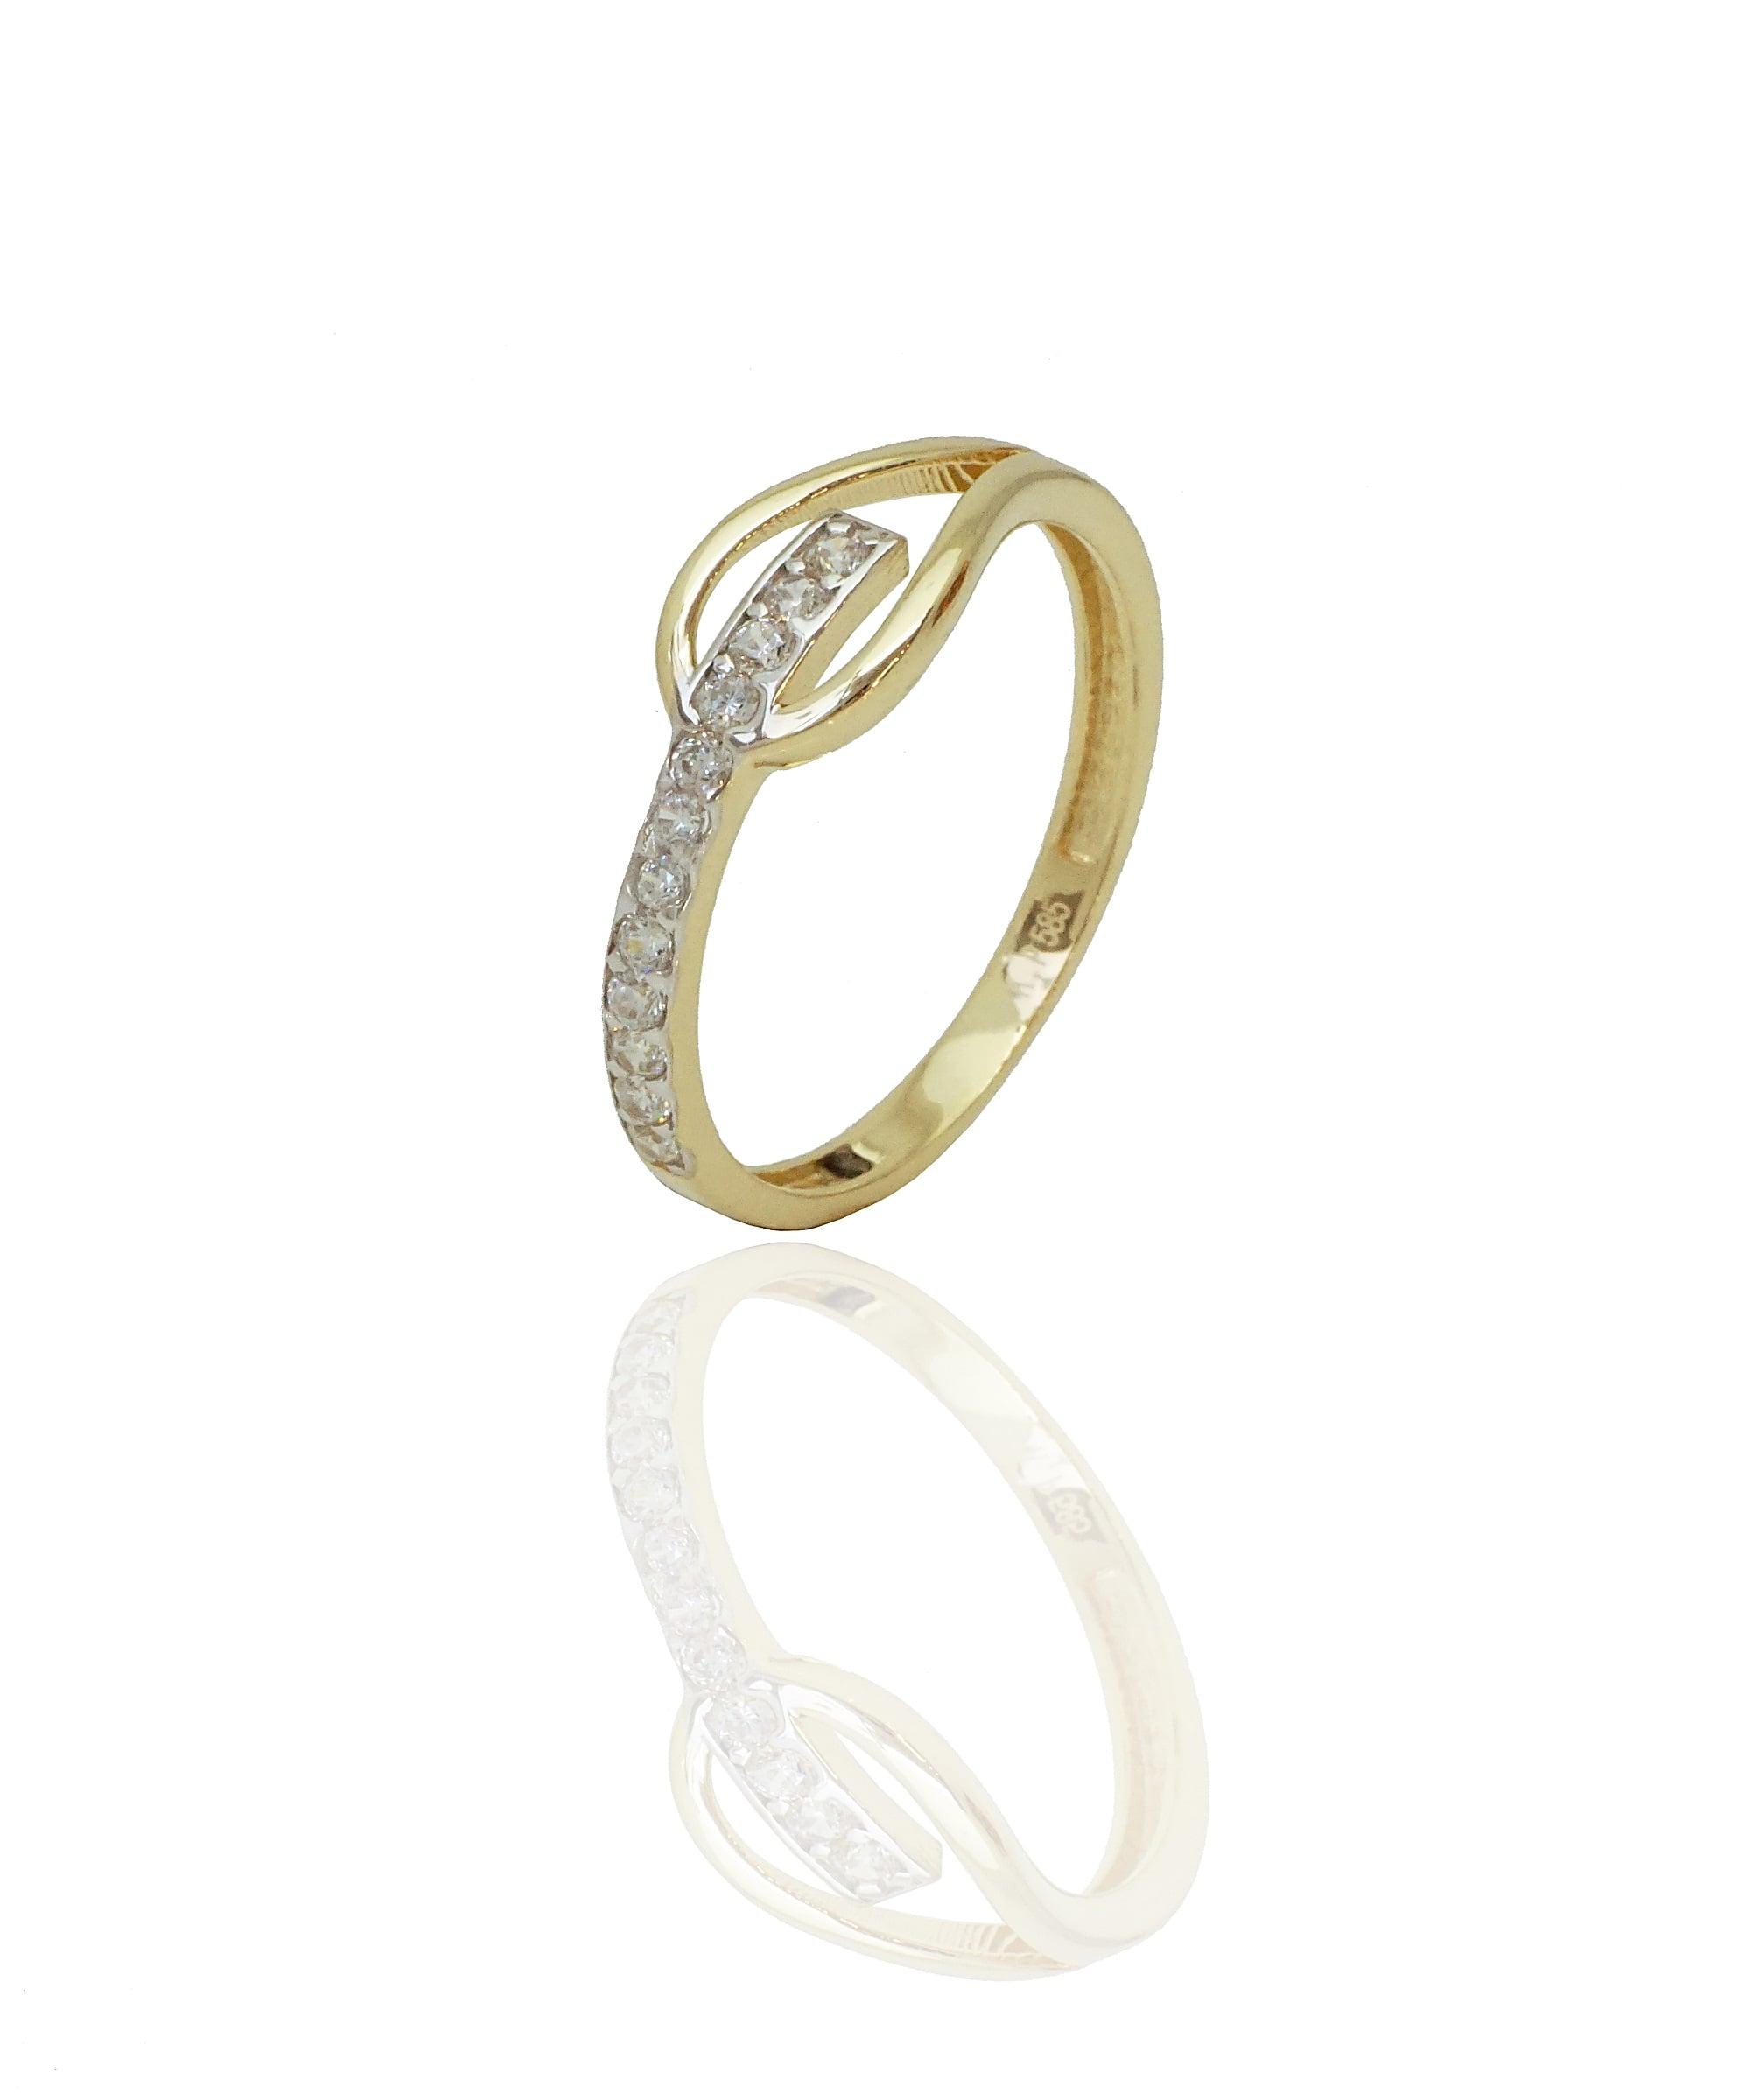 טבעת מעוצבת בשורת בזרקונים בזהב 14 קאראט